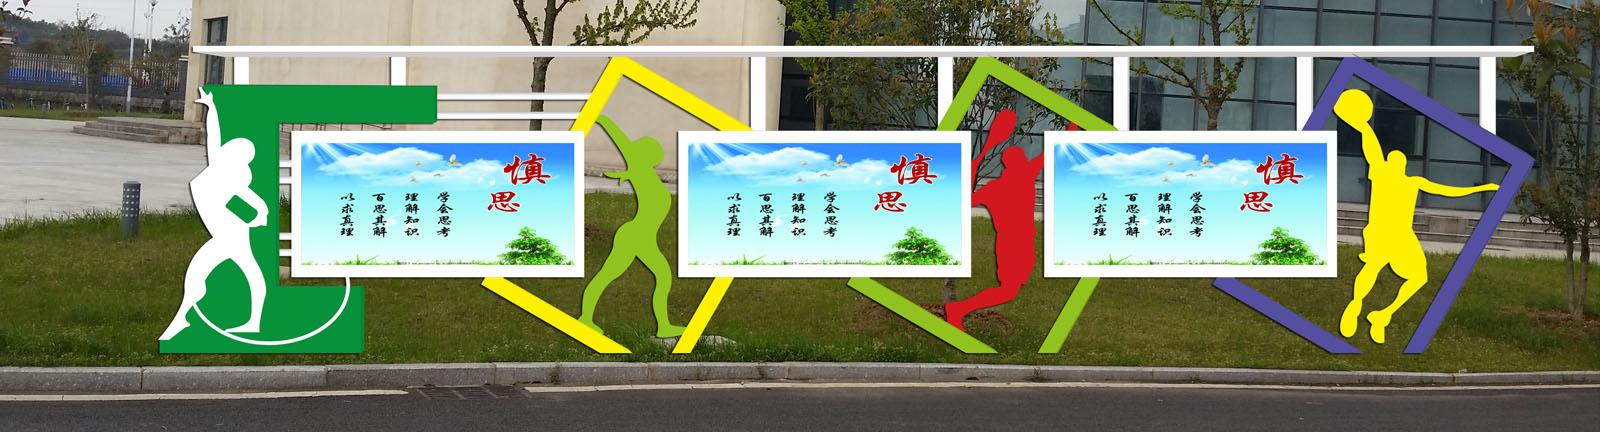 广东公交候车亭